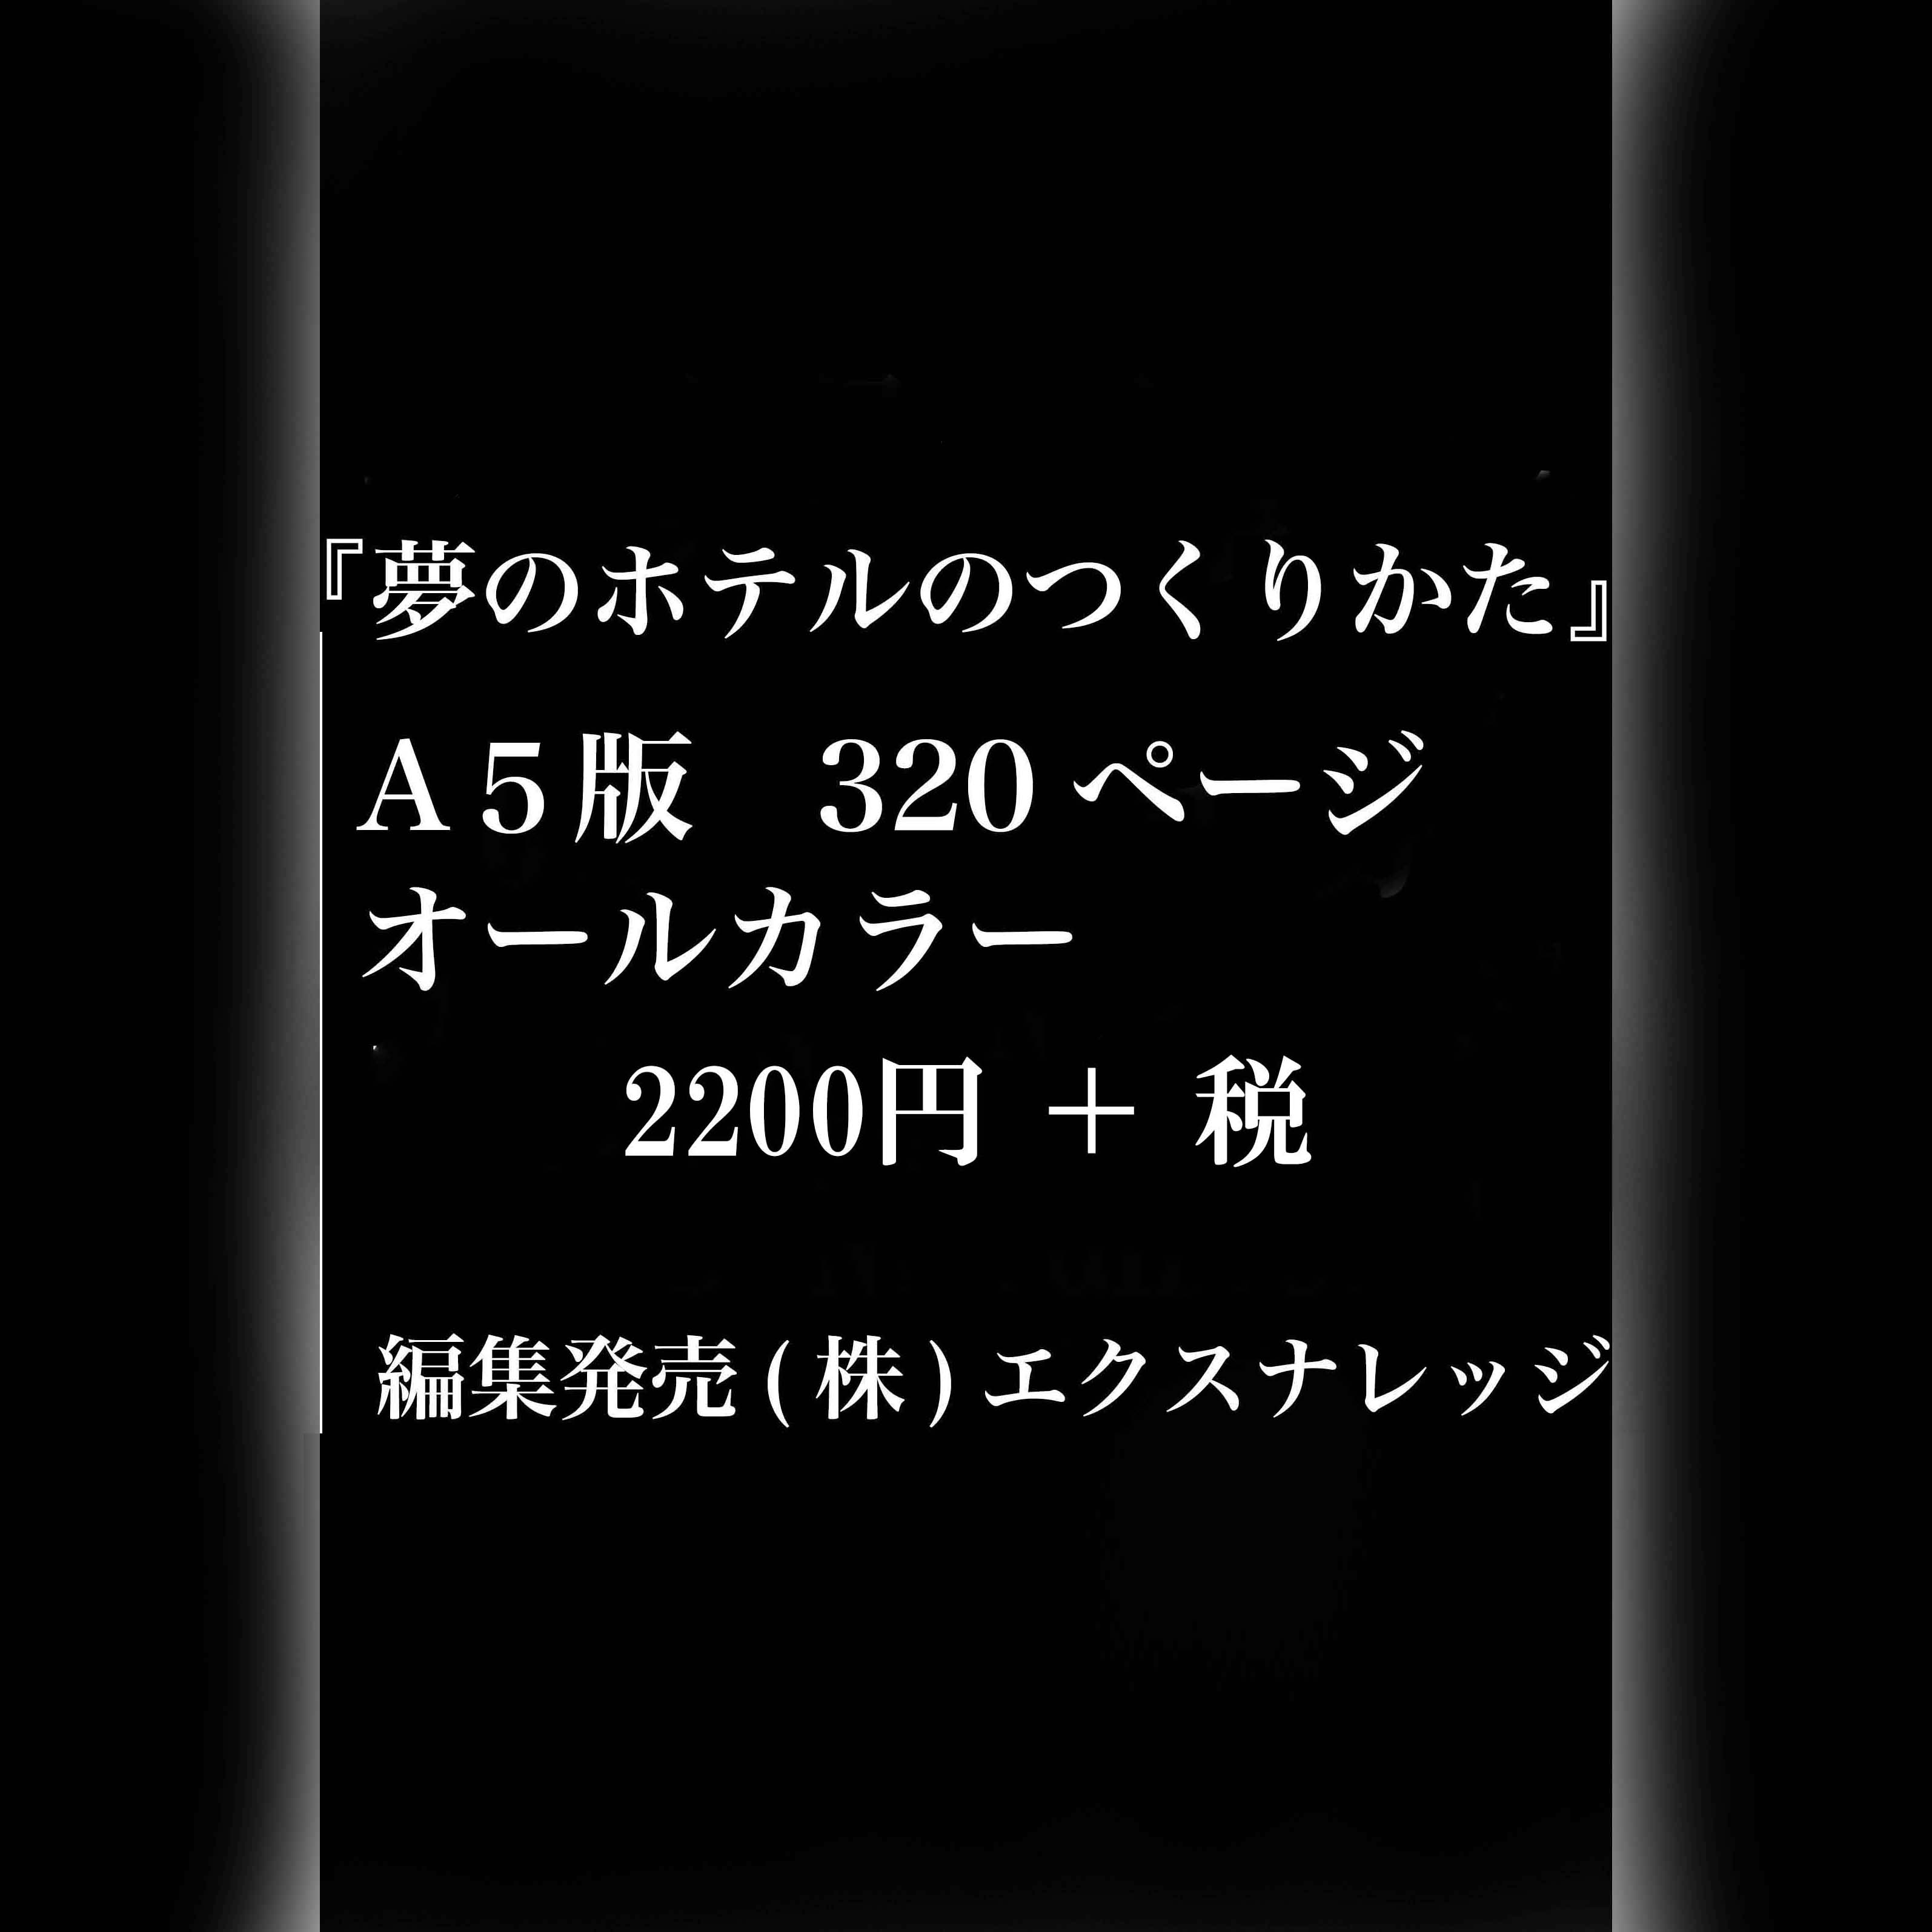 2200円_edited-1